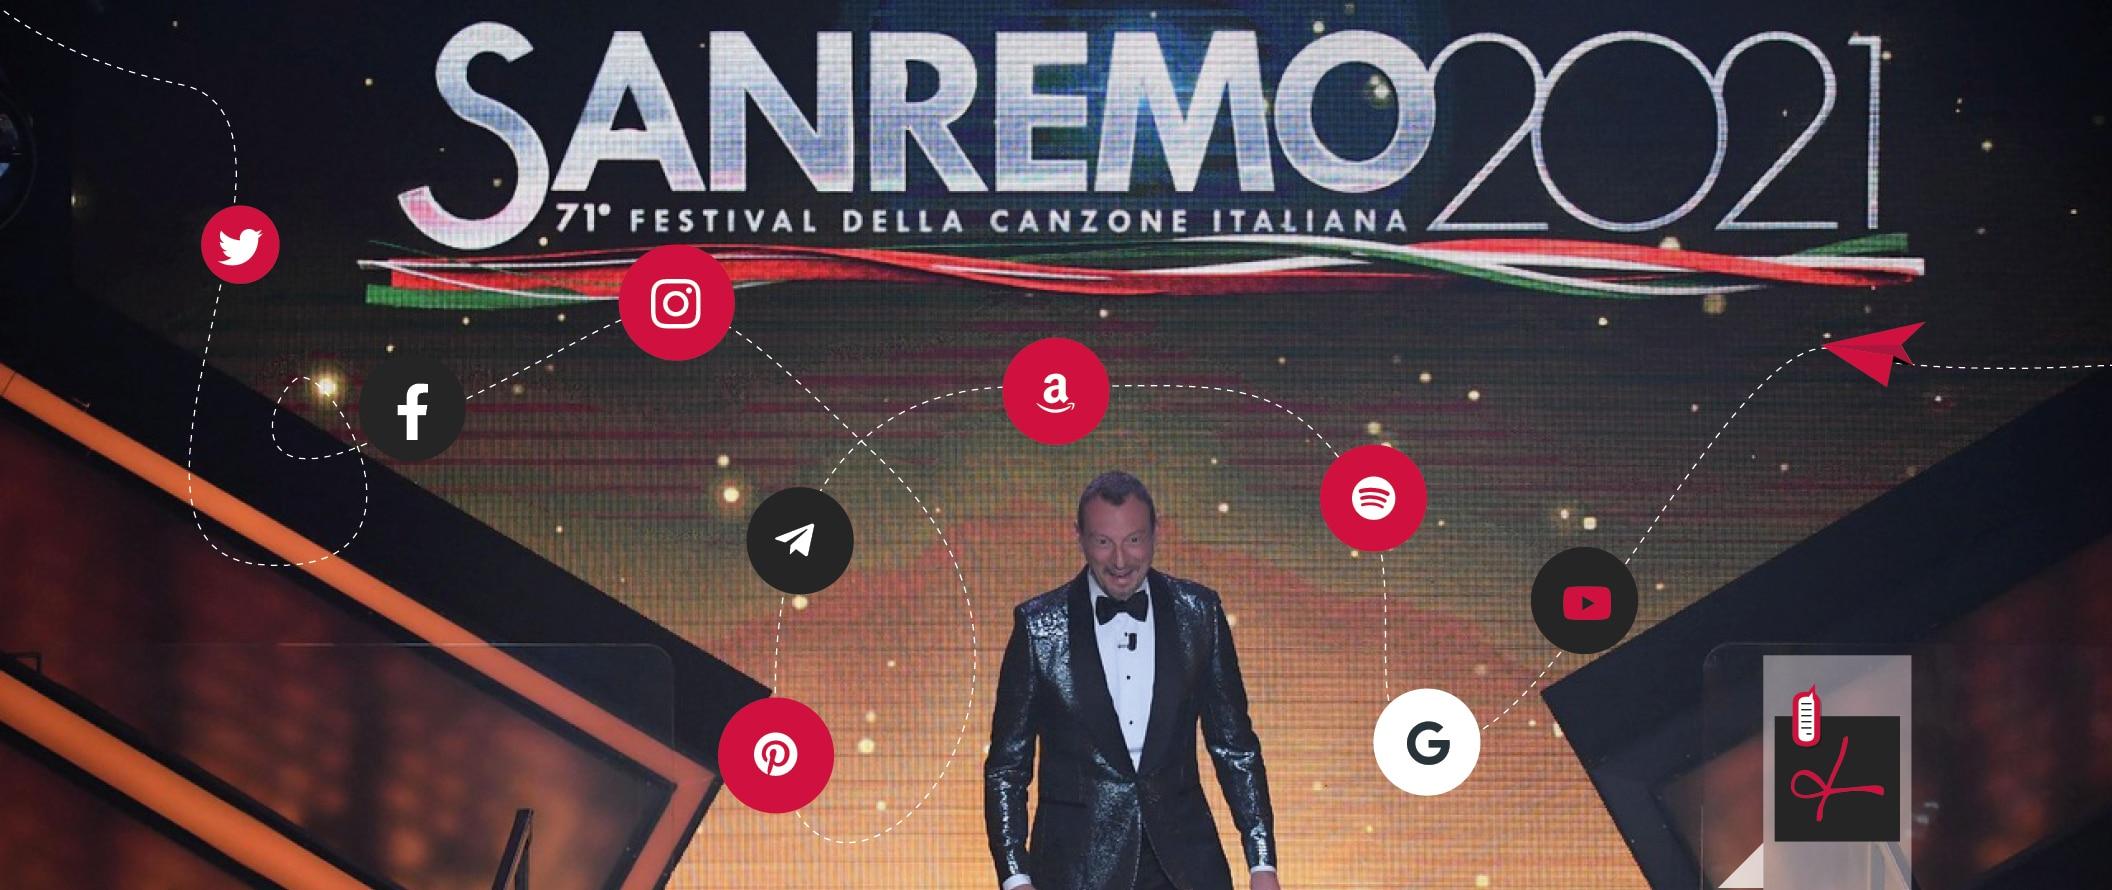 Sanremo 2021, chi è il vincitore del Festival (secondo i social)?